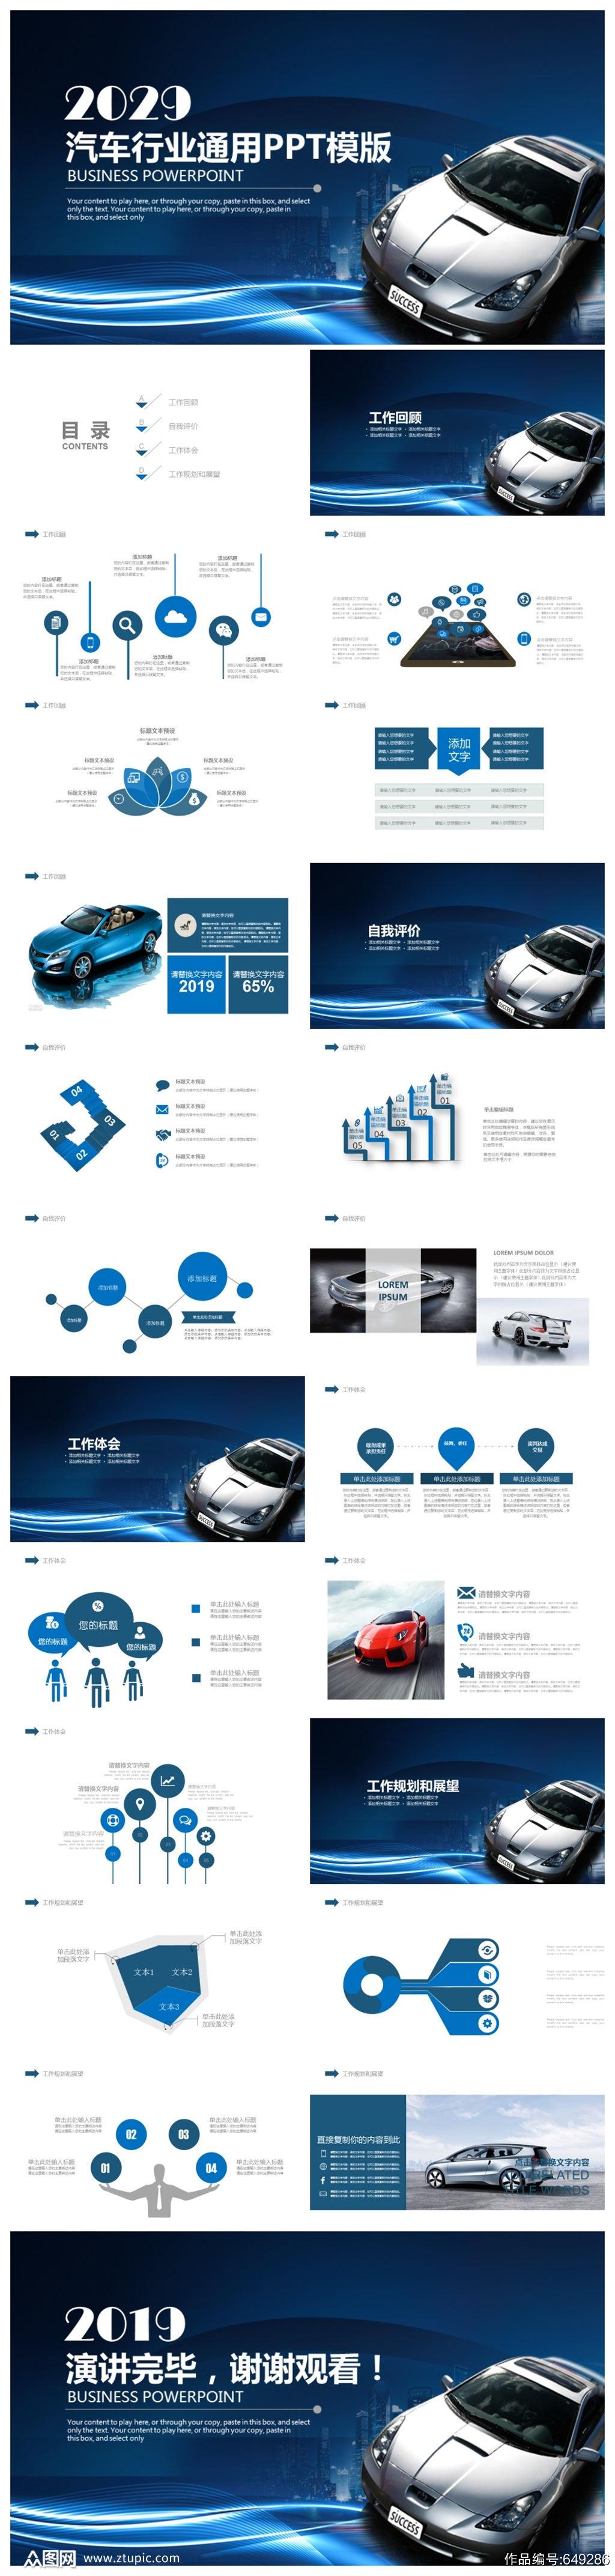 蓝色汽车行业通用PPT模板素材